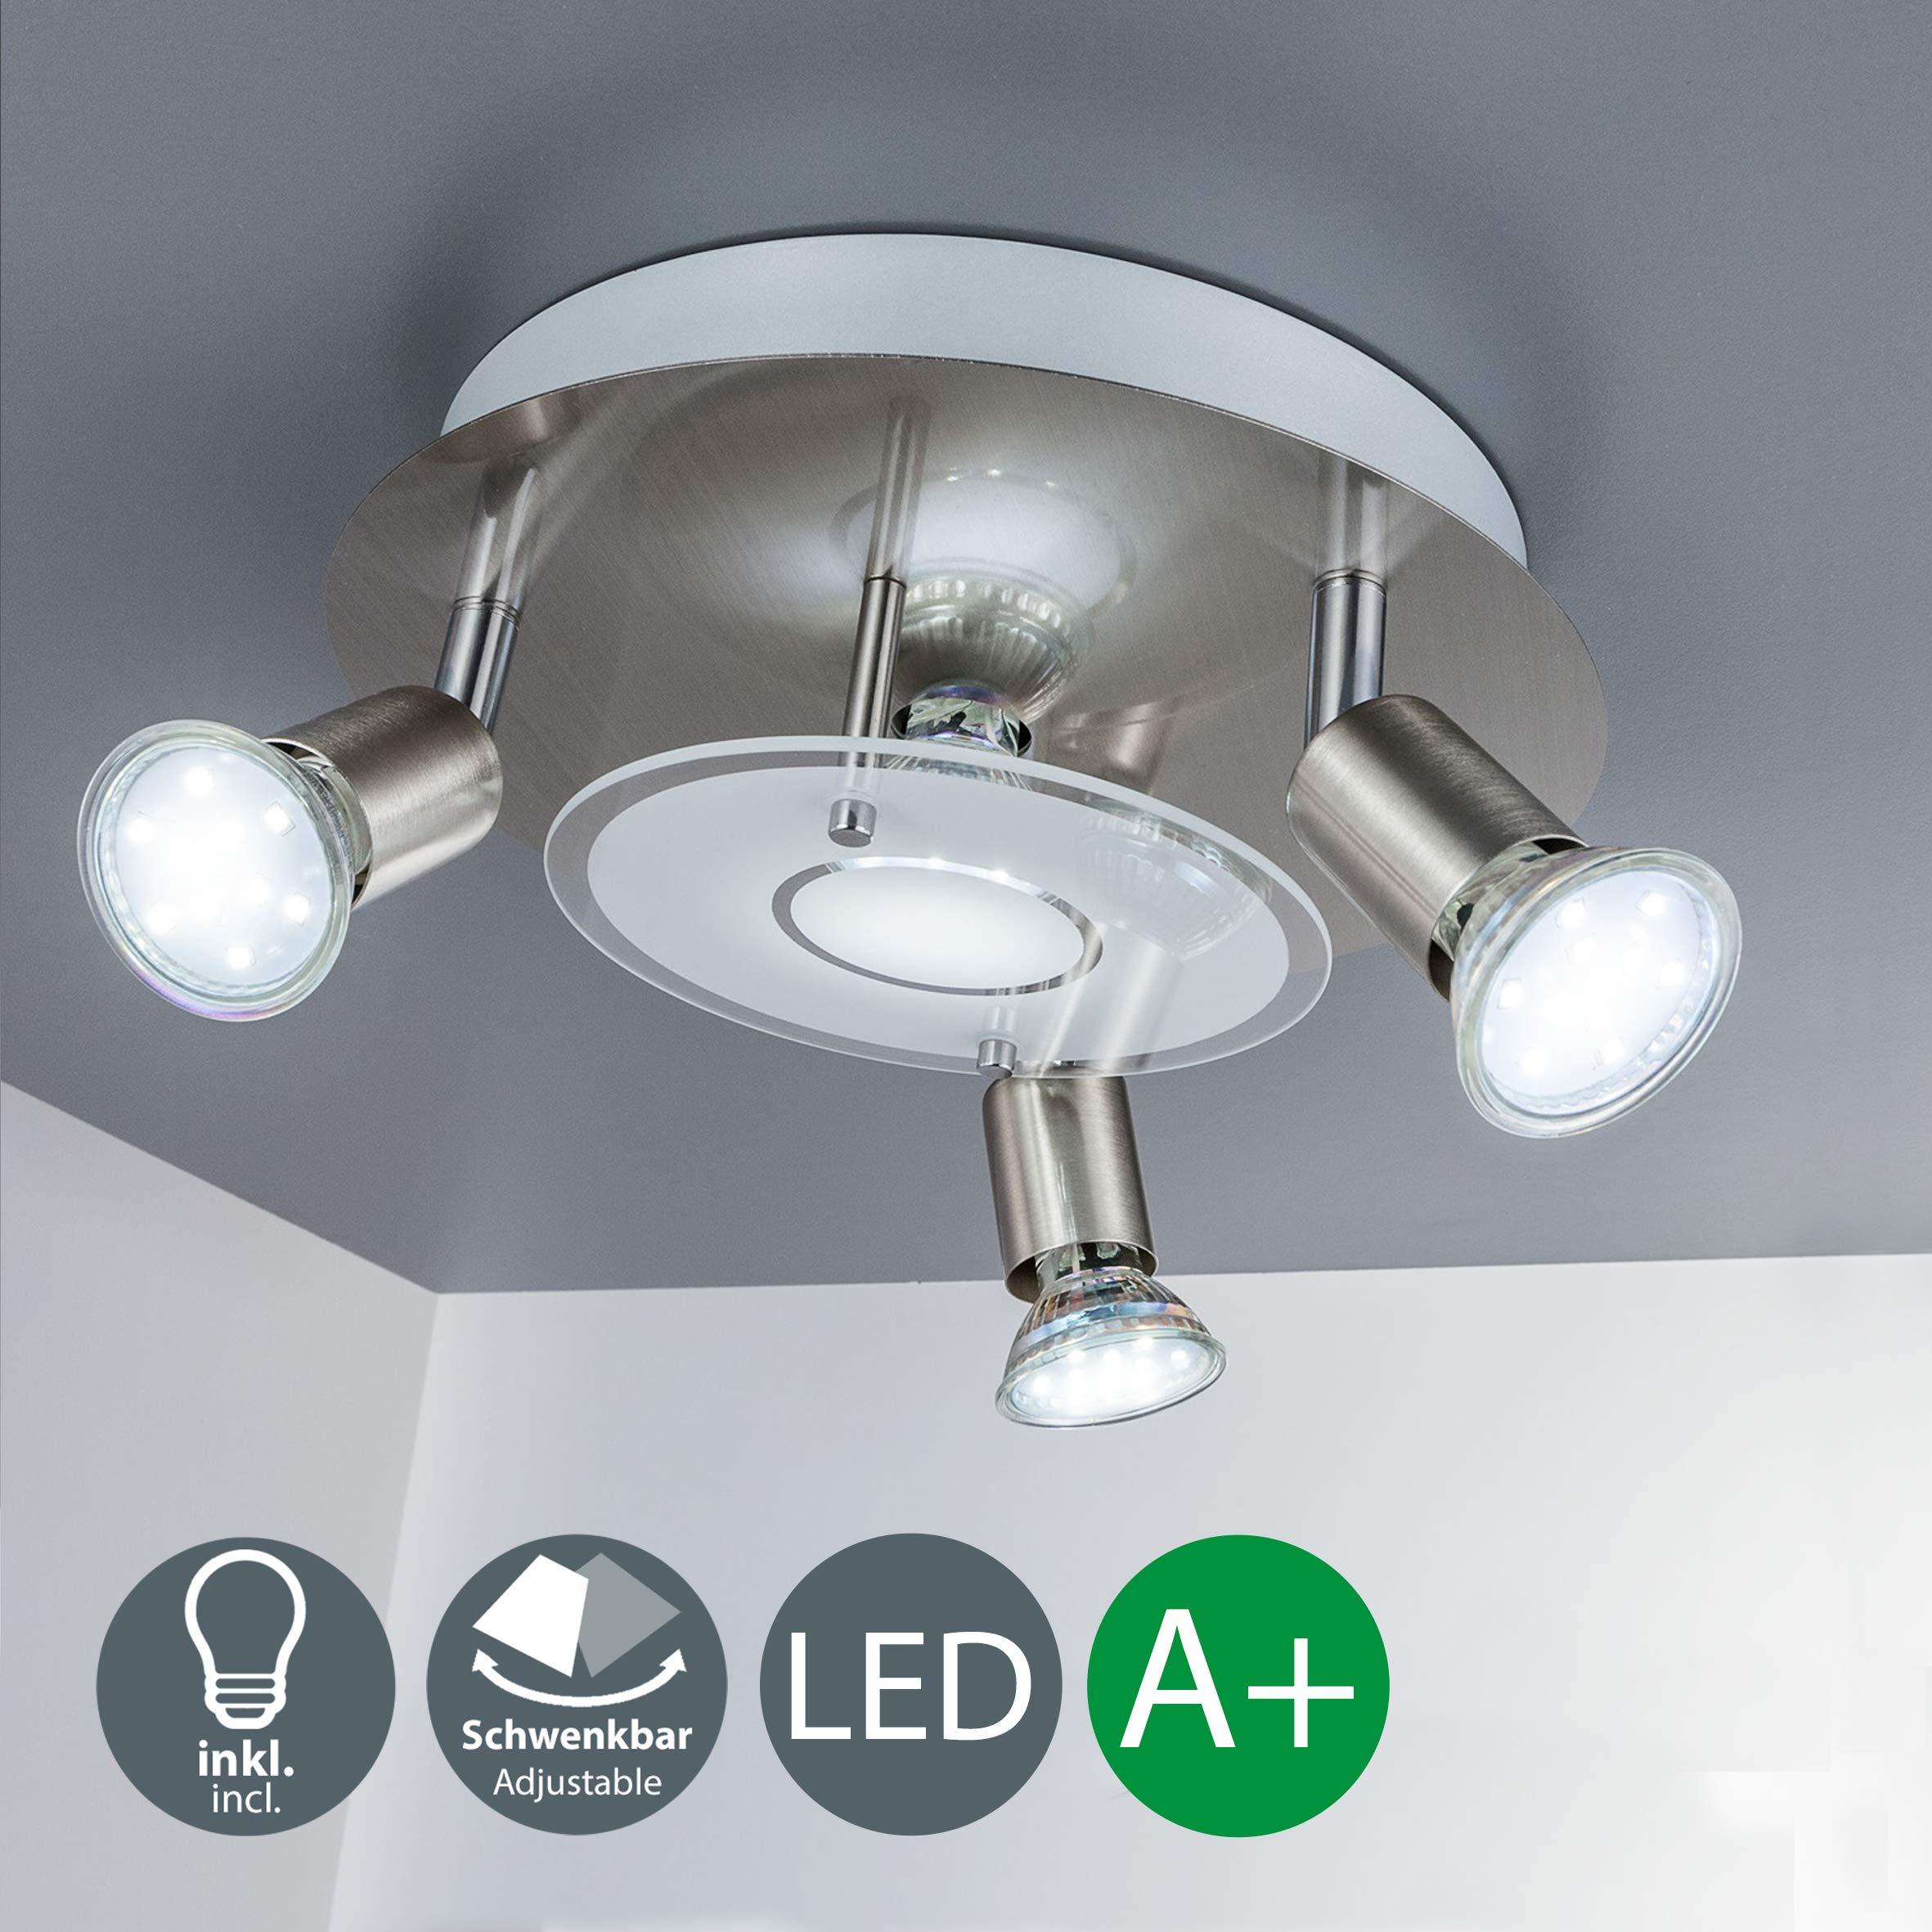 Lámpara de techo LED I Focos giratorios I Dormitorio I 4 x 3 W bombillas LED